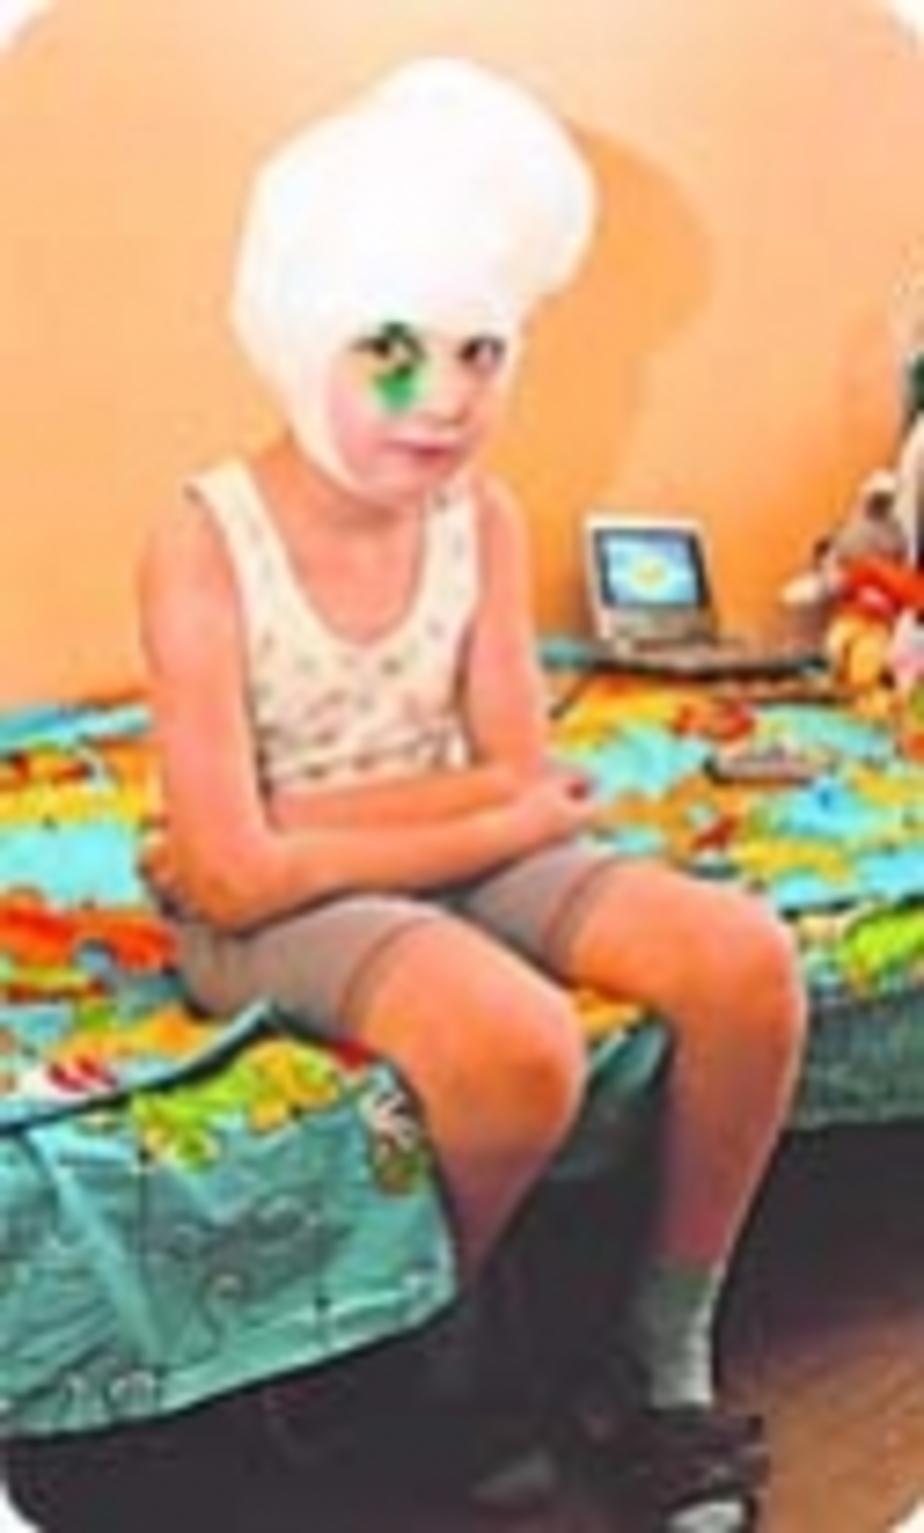 Шок! Стаффорды сильно искусали шестилетнего ребенка - Новости Калининграда